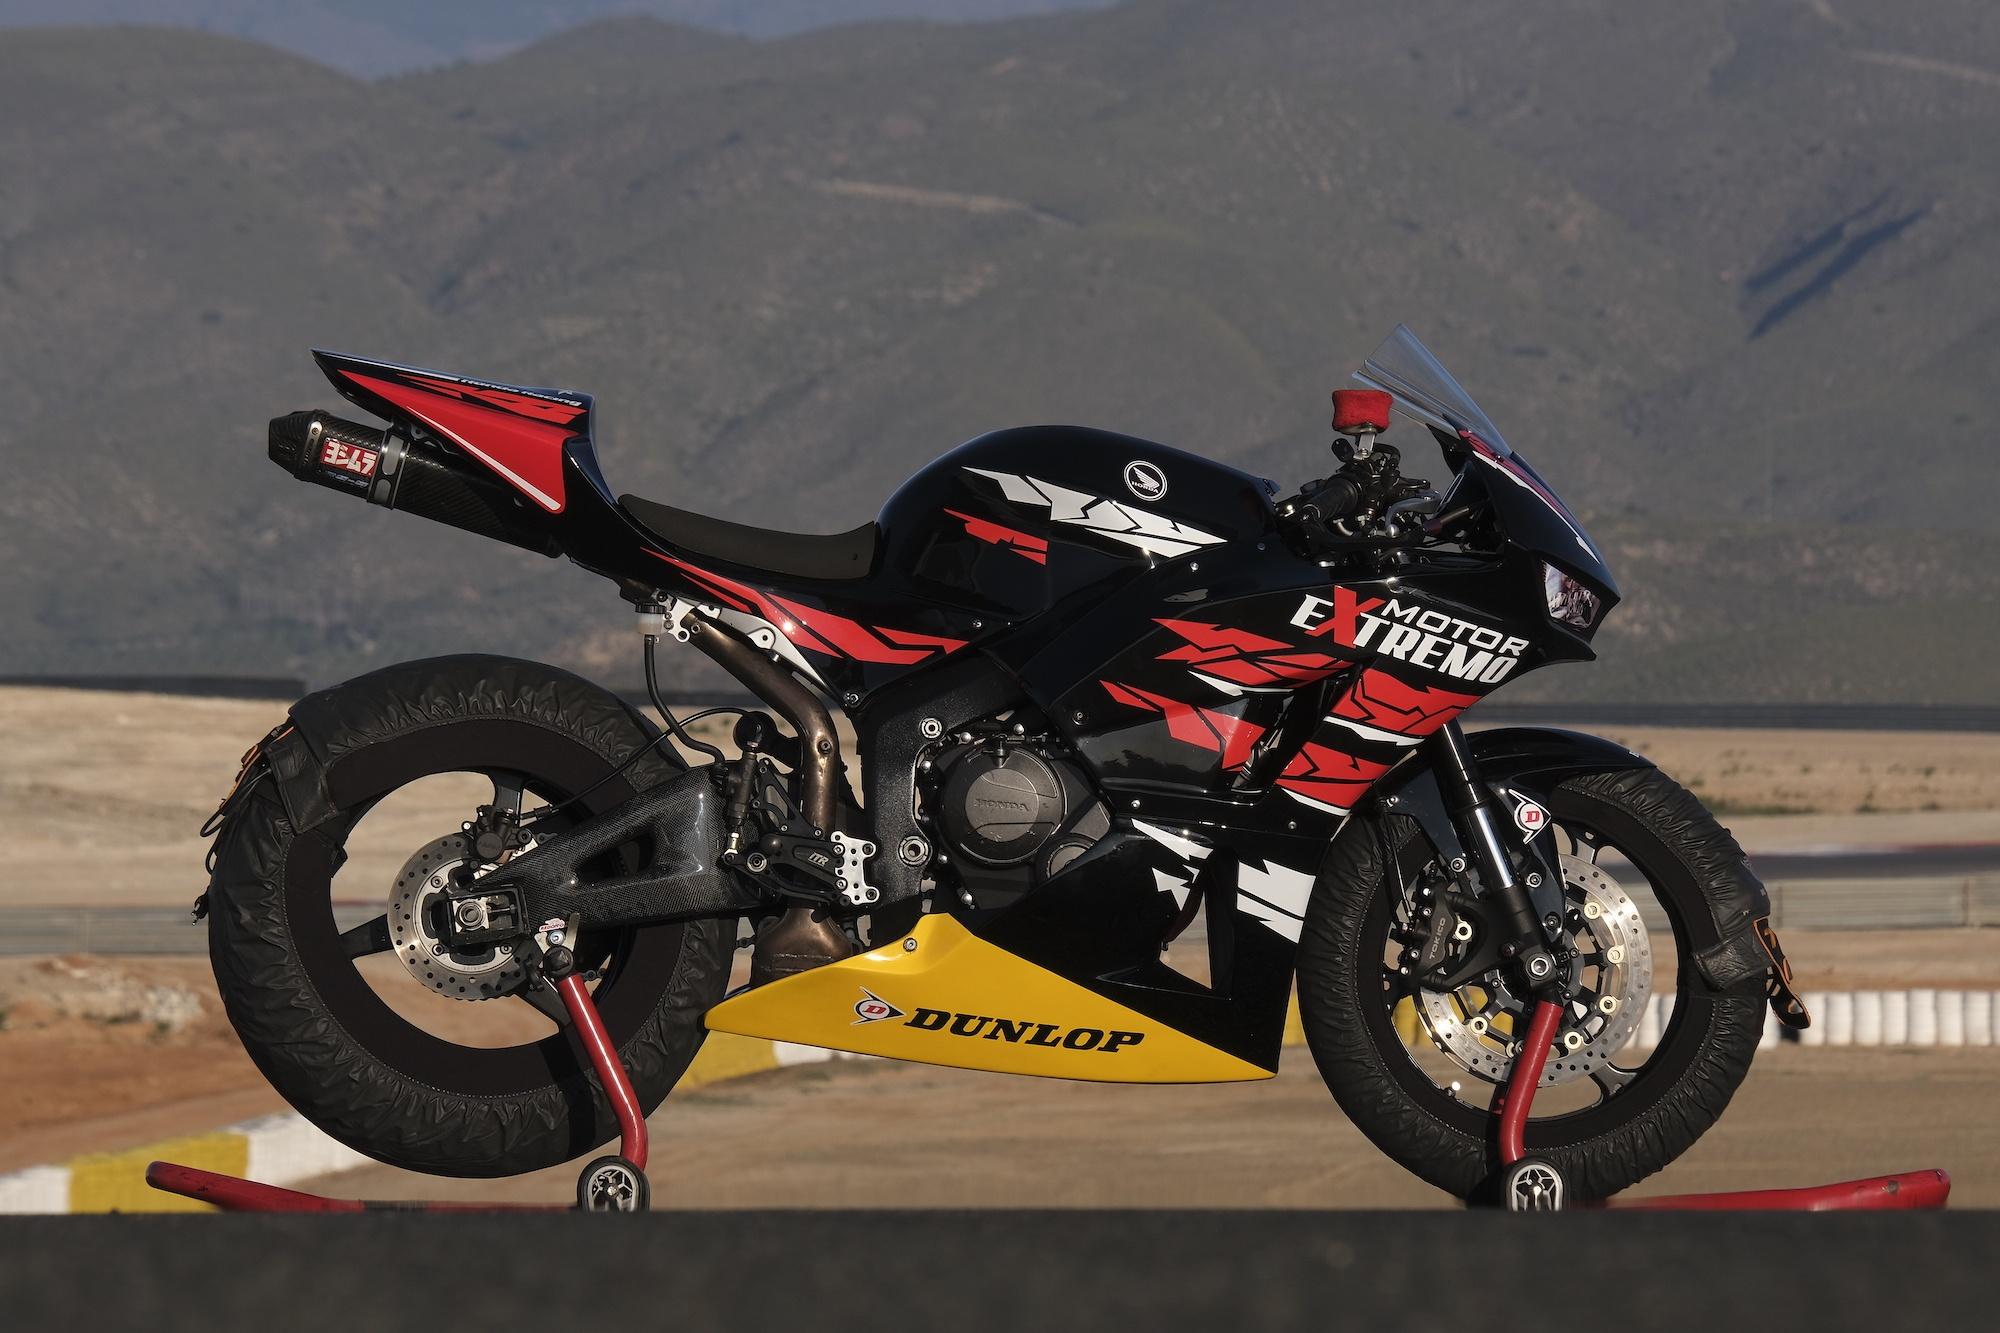 HONDA CBR600RR 2012 - Motor Extremo